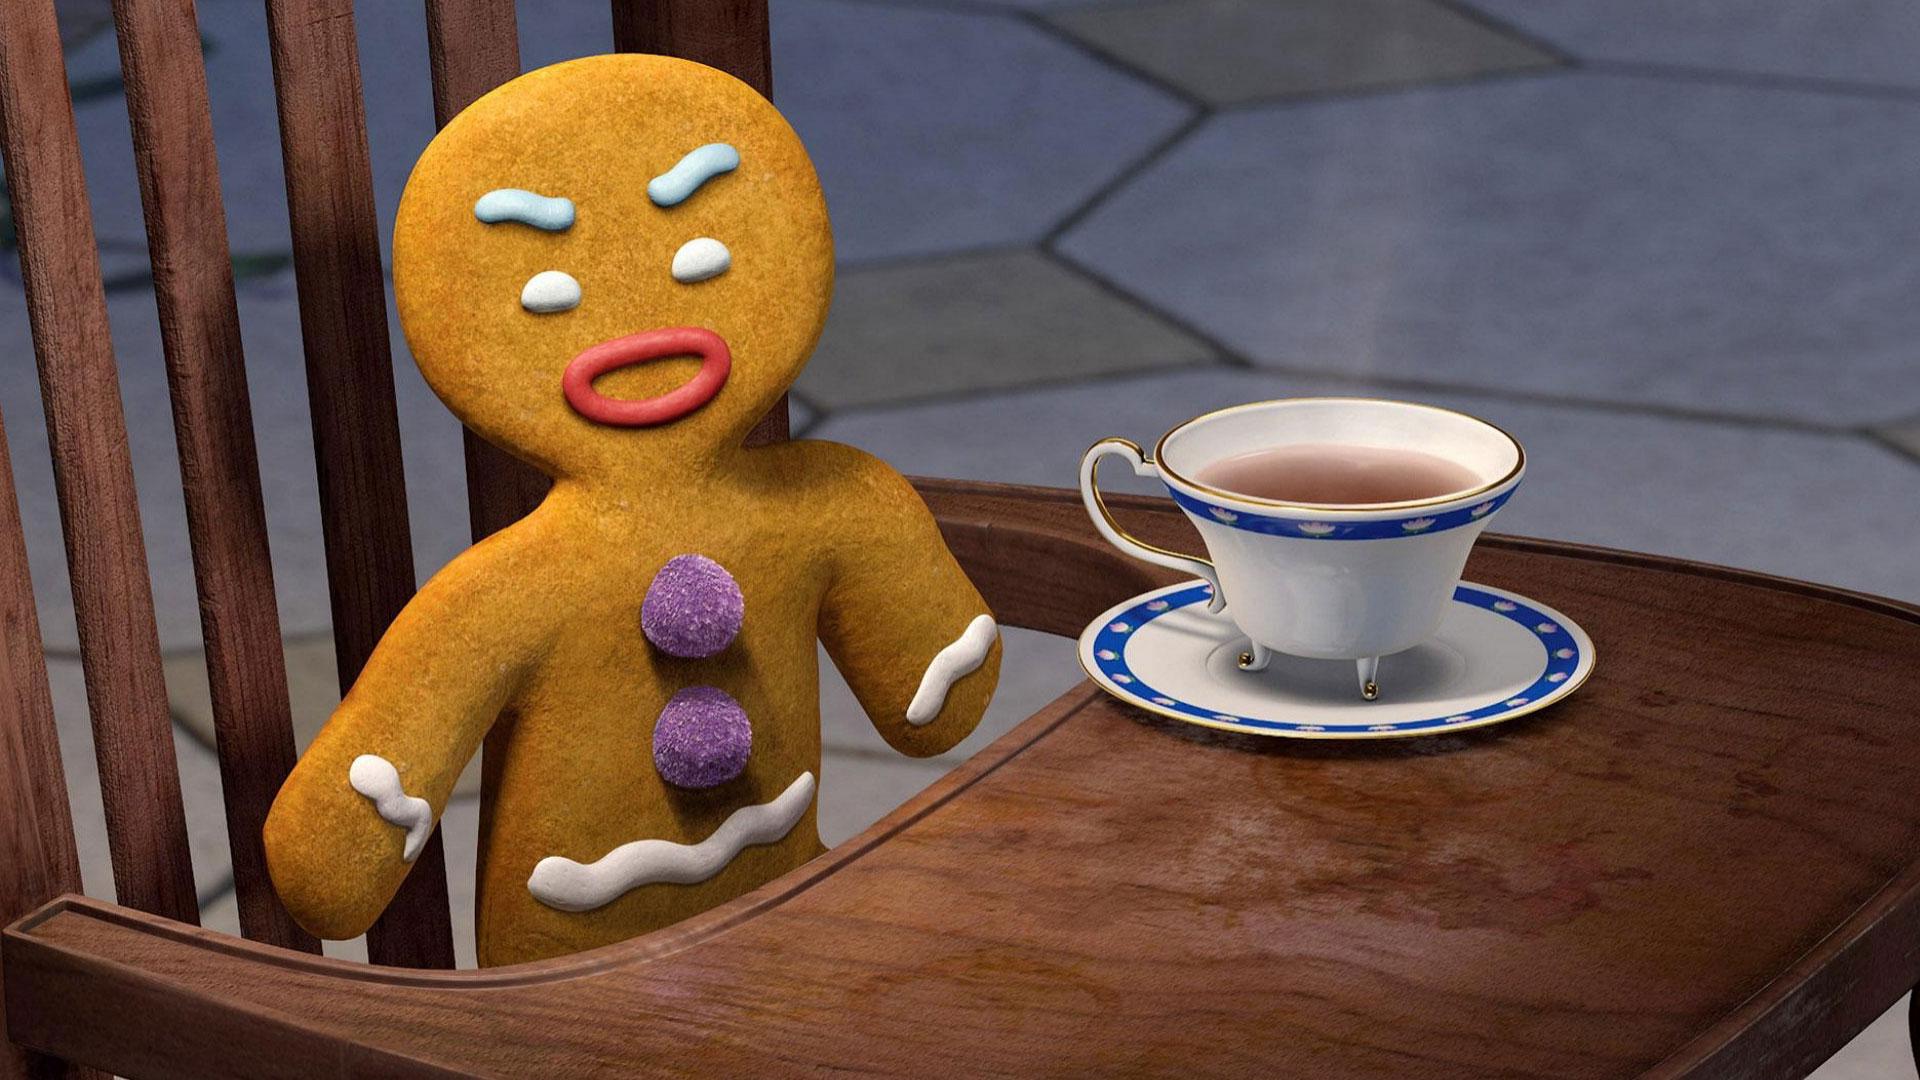 необычных интересных злая печенька картинки отказалась итоге